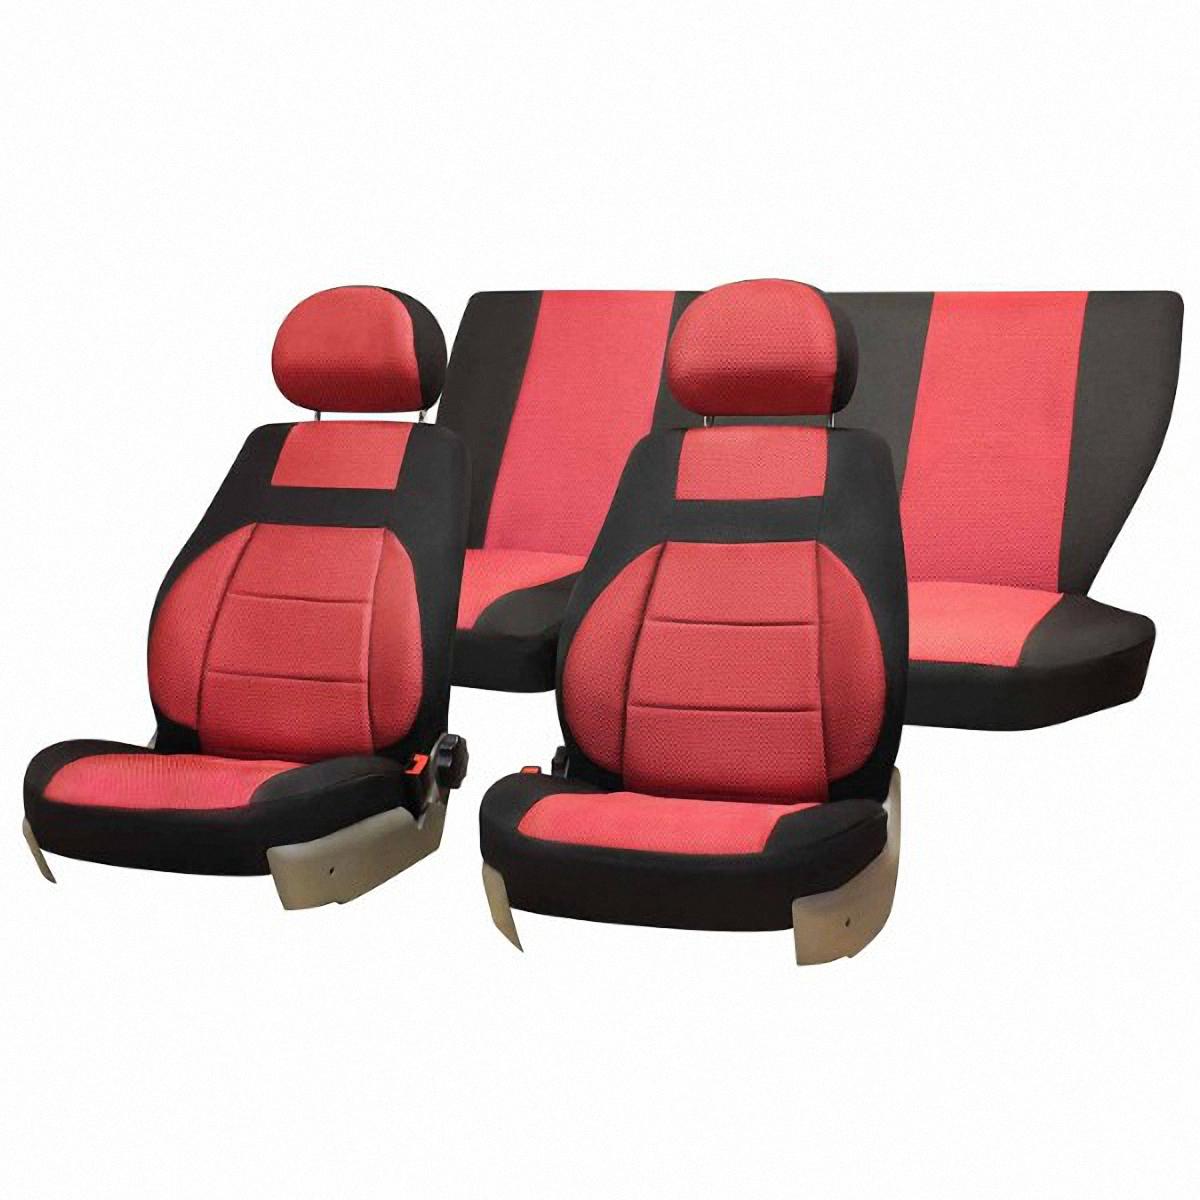 Чехол на сиденье Skyway ВАЗ-2107, 6 шт. V012-D3SL031161Комплект чехлов на сиденья Skyway соответствуют всем современным технологиям, практичны, имеют свой неповторимый стиль и совершенно легки в установке. Защитят салон вашего автомобиля от загрязнений.Чехлы изготовлены точно по лекалам завода-изготовителя,учтены все технологические особенности автомобиля.Модельные чехлы плотно облегают сиденья,не имеют морщин и складок при установке.При производстве чехлов используются современные, практические, износоустойчивые материалы высокого качества.В спинках передних кресел — большие вместительные карманы, снабженные эластичной лентой, предотвращающей деформацию в процессе использования.Все швы, внутренние и внешние, а также технологические отверстия, обработаны на оверлоке. Специально разработанная система креплений позволяет надежно зафиксировать изделие, идеально повторяя контуры оригинальных сидений.Триплирование поролоном толщиной 2 мм обеспечивает сохранность цвета, фактуры и формы в процессе длительной эксплуатации. Средние детали в спинках и сиденьях передних кресел дополнены поролоном толщиной 1 см, обеспечивающих дополнительную анатомическую поддержку.Характеристики:Для автомобилей - ВАЗ-2107Материал -ЖаккардЦвет-КрасныйСхема надевания -раздельнаяКрепления - универсальныеПоролон - 2 ммКоличество предметов-6штКомплектация: Передний ряд:Спинка - 2 шт.Сиденье - 2 шт.Задний ряд:Спинка - 1 шт.Сиденье - 1 шт.